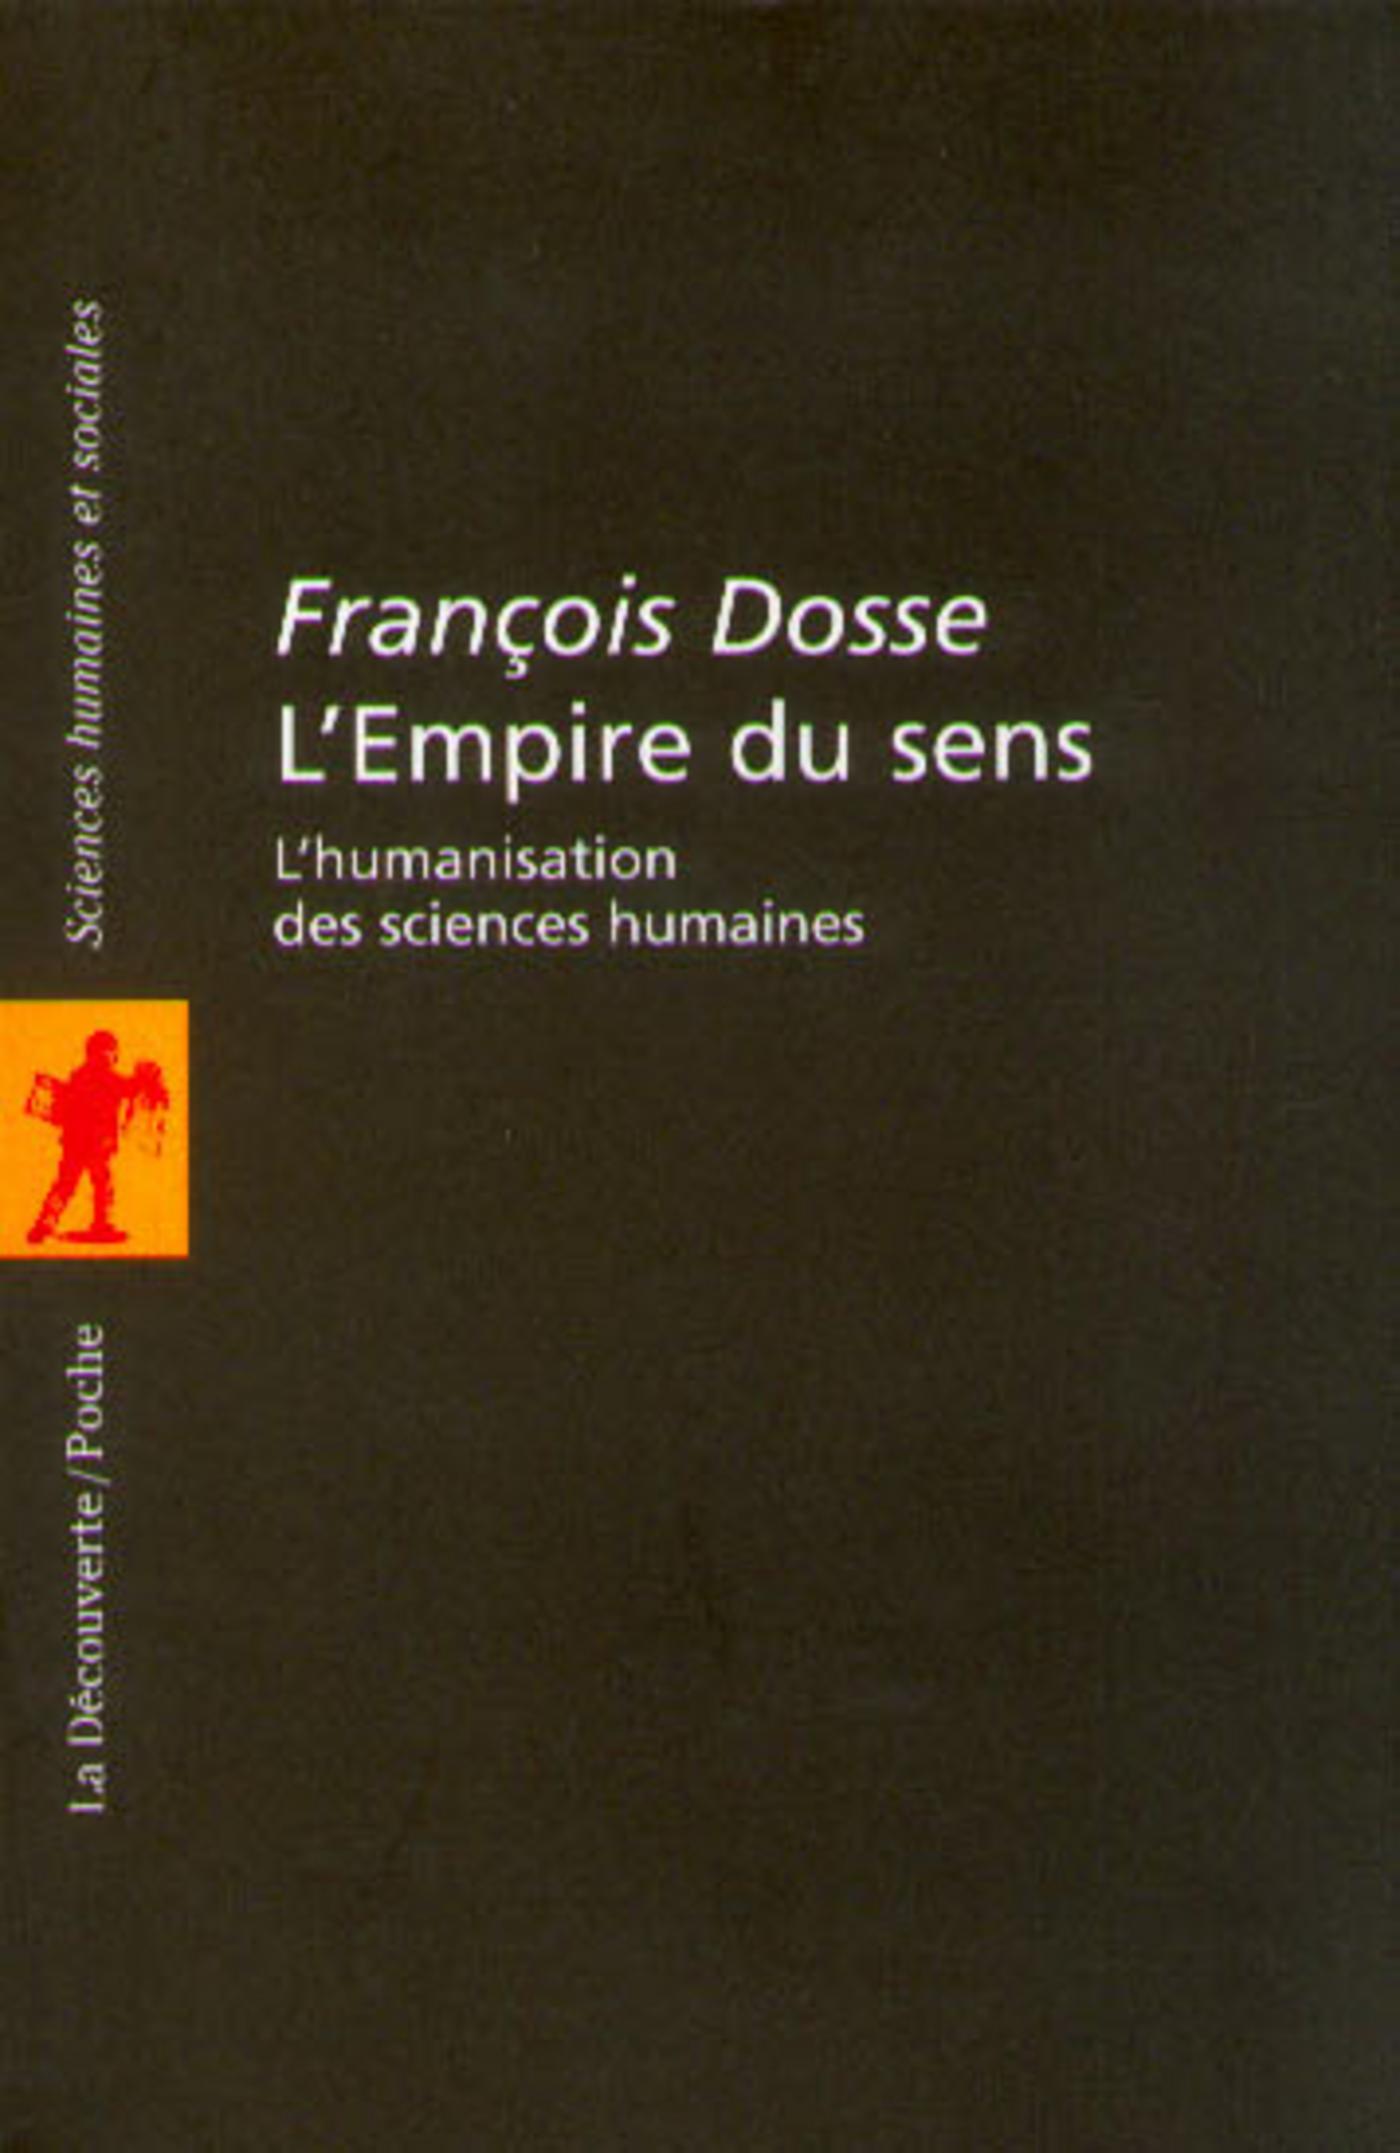 L'empire du sens (ebook)